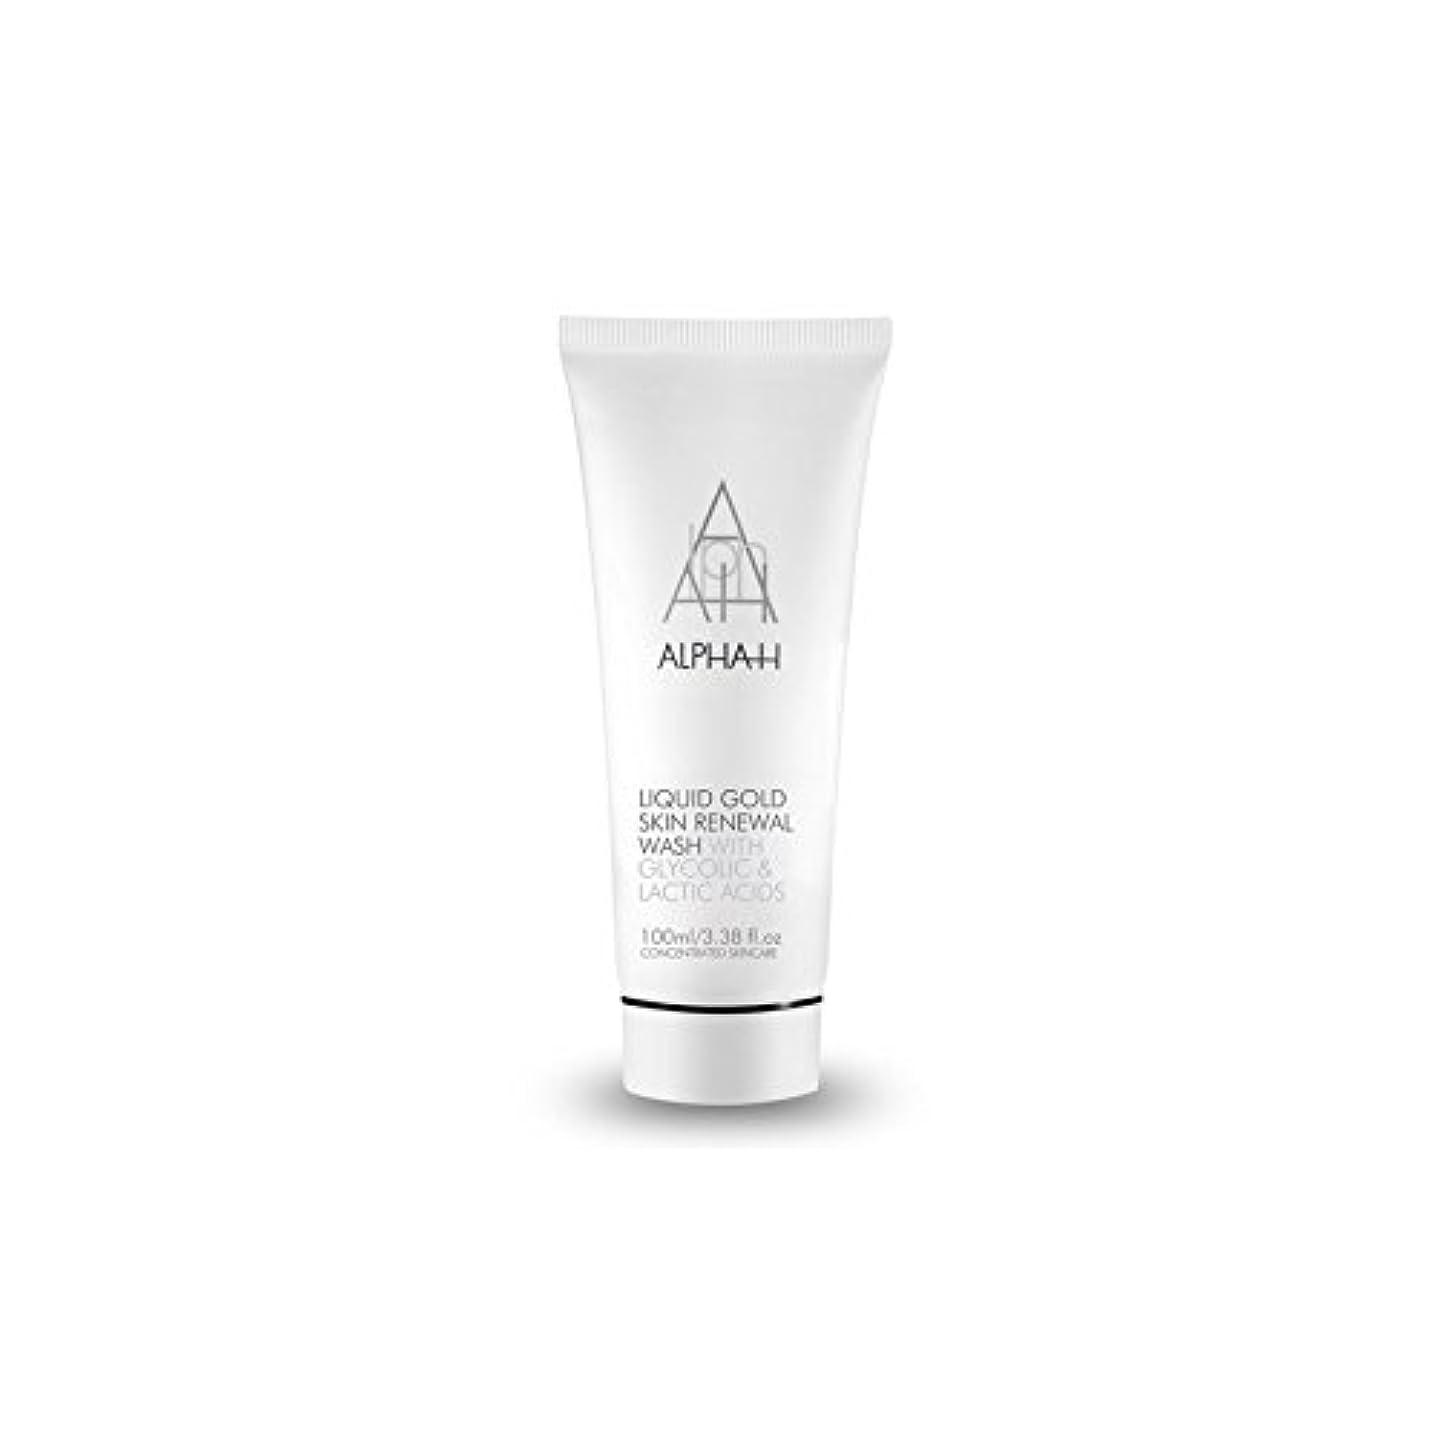 勇気のある極貧実験室Alpha H Gold Skin Renewal Wash (100ml) (Pack of 6) - アルファのゴールドスキンリニューアルウォッシュ(100ミリリットル) x6 [並行輸入品]